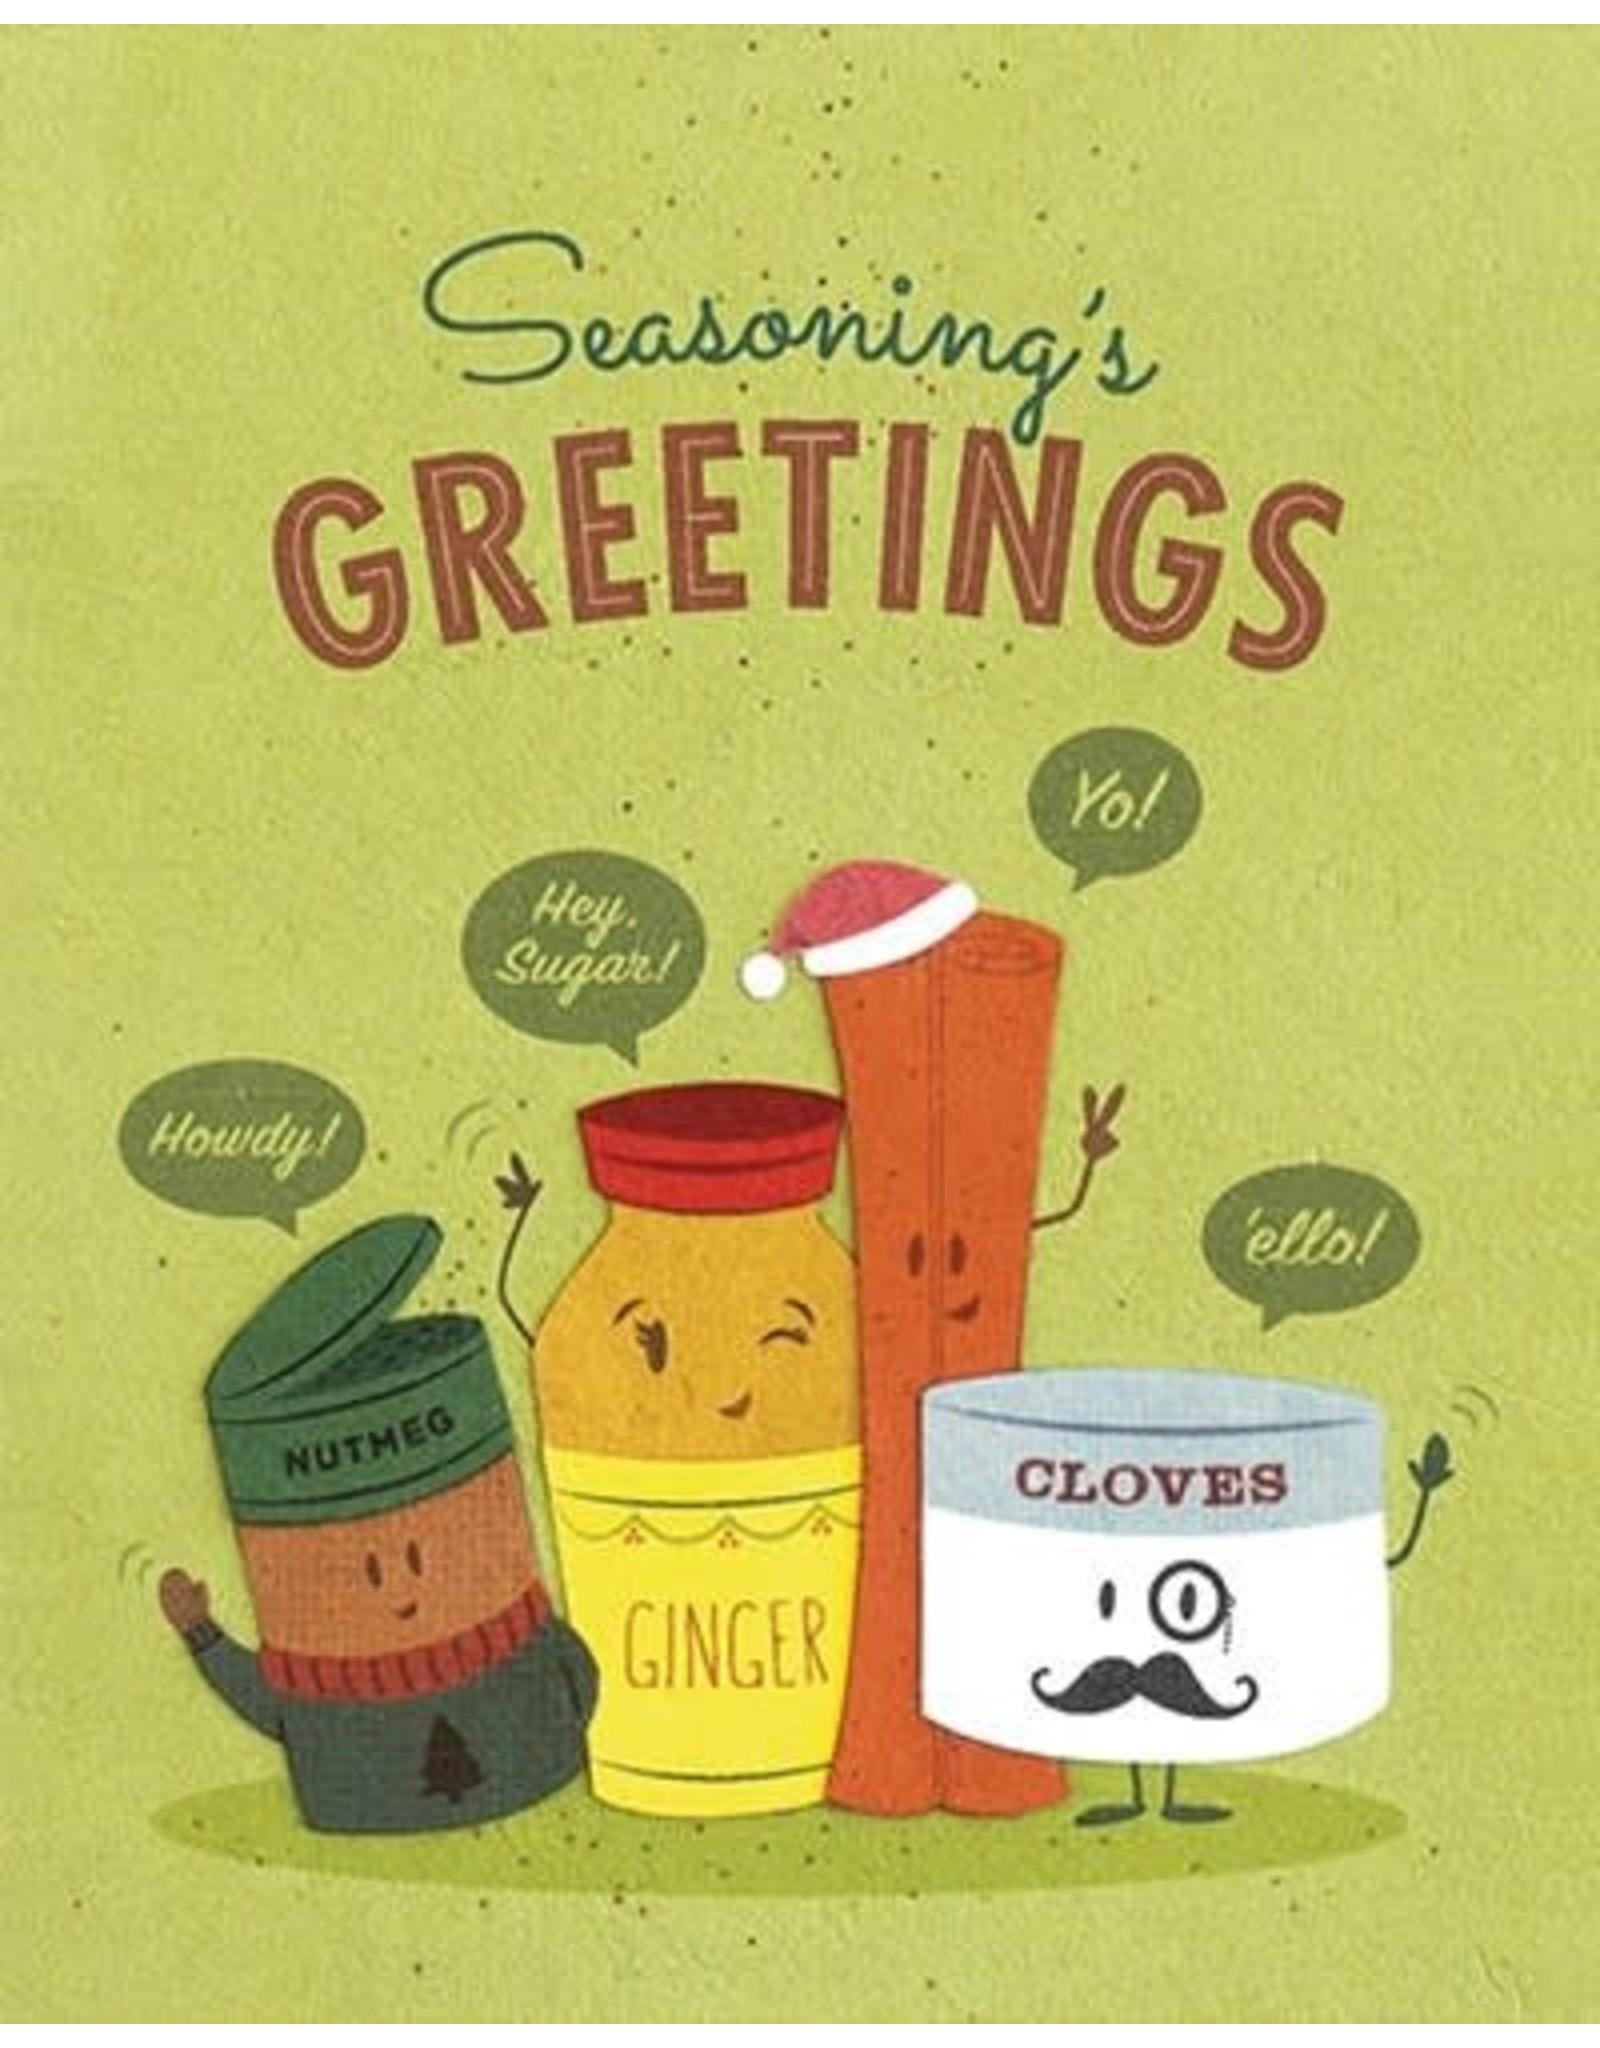 Good Paper Seasonings Greetings Card, Philippines